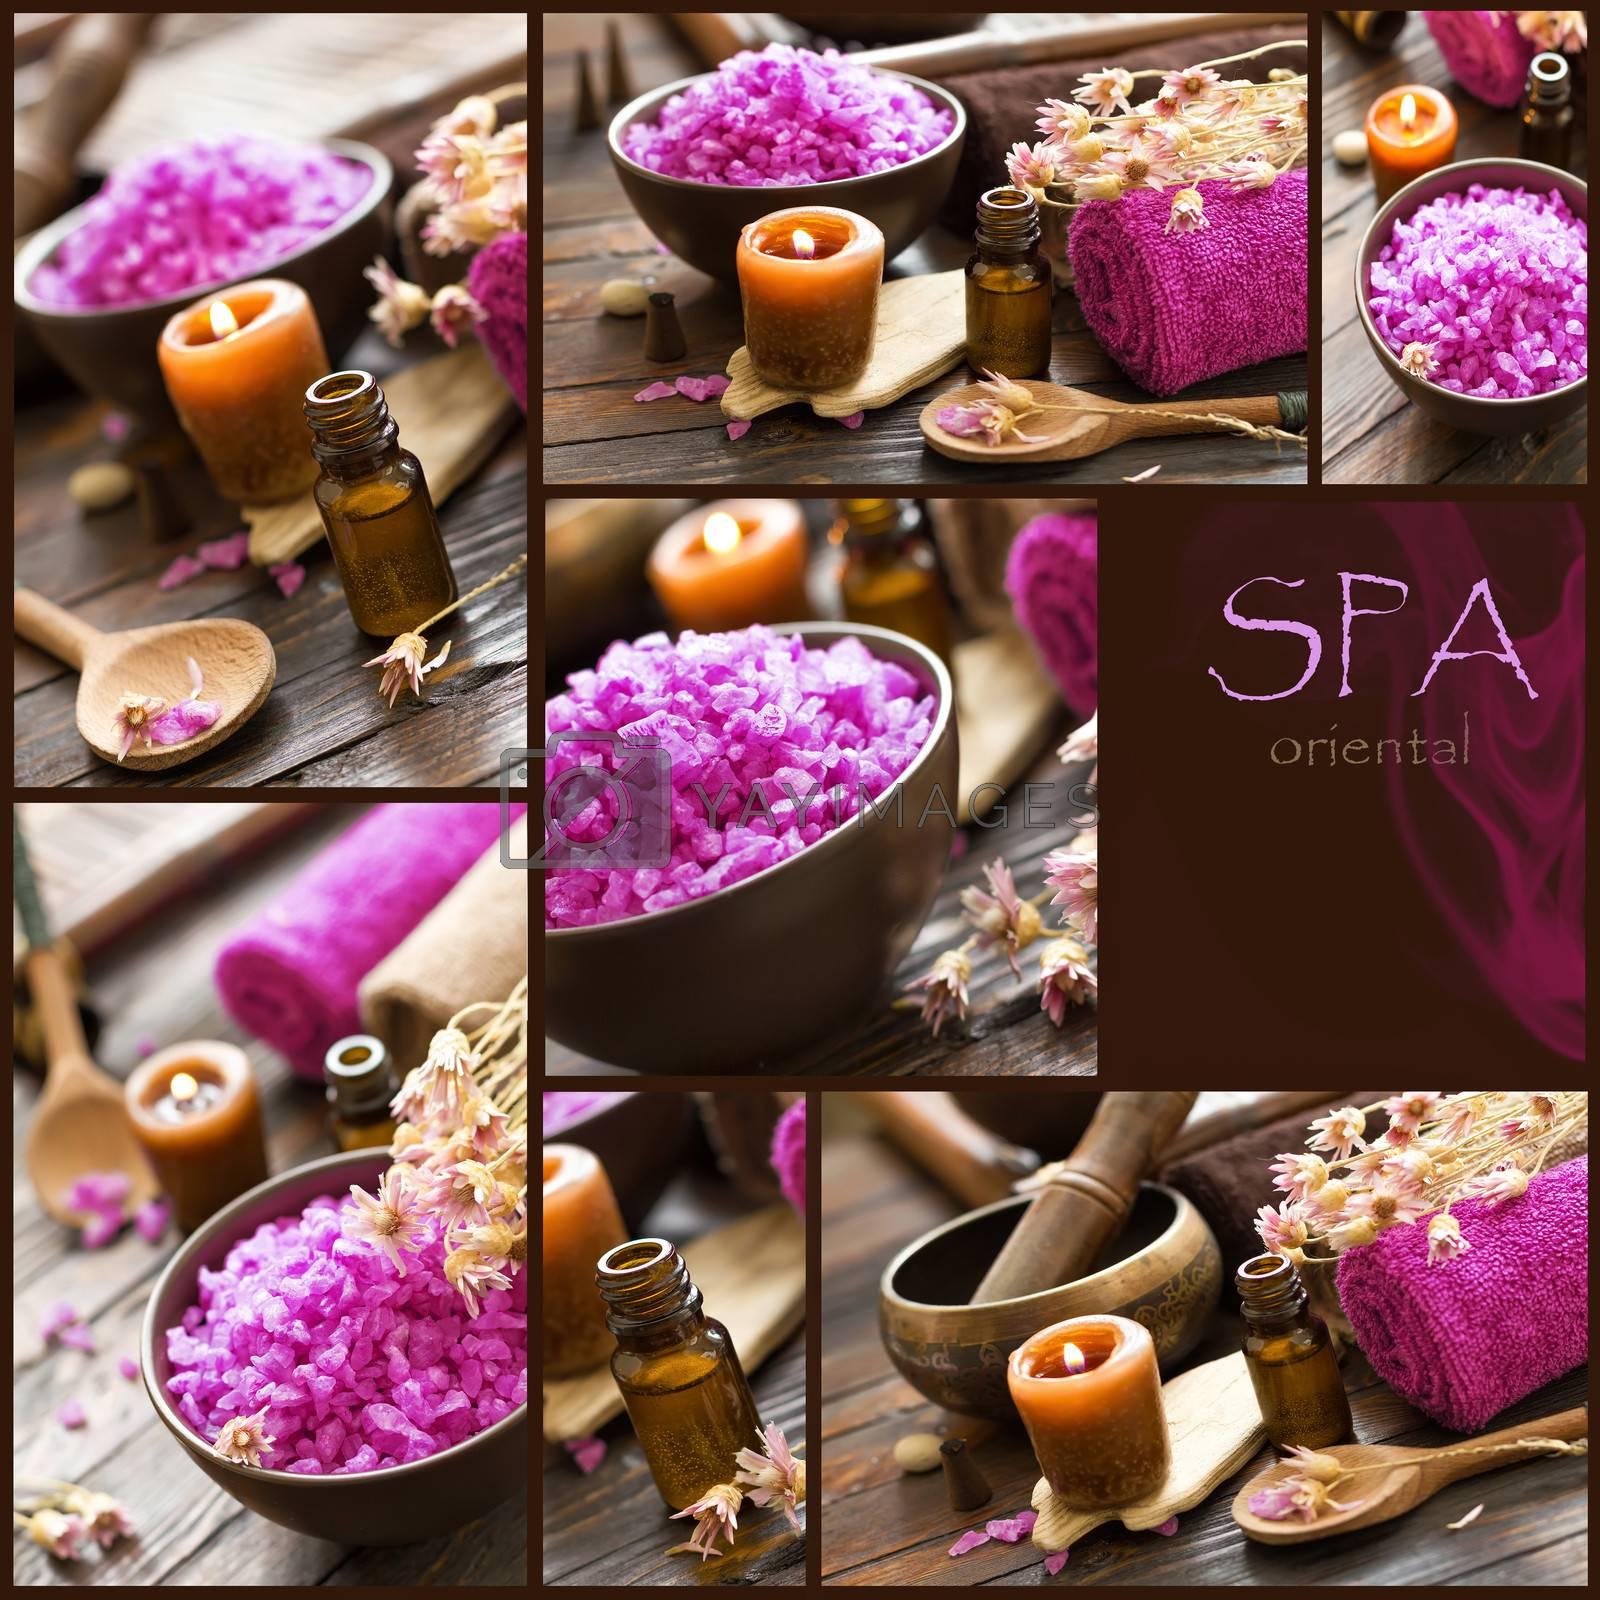 Spa by yelenayemchuk